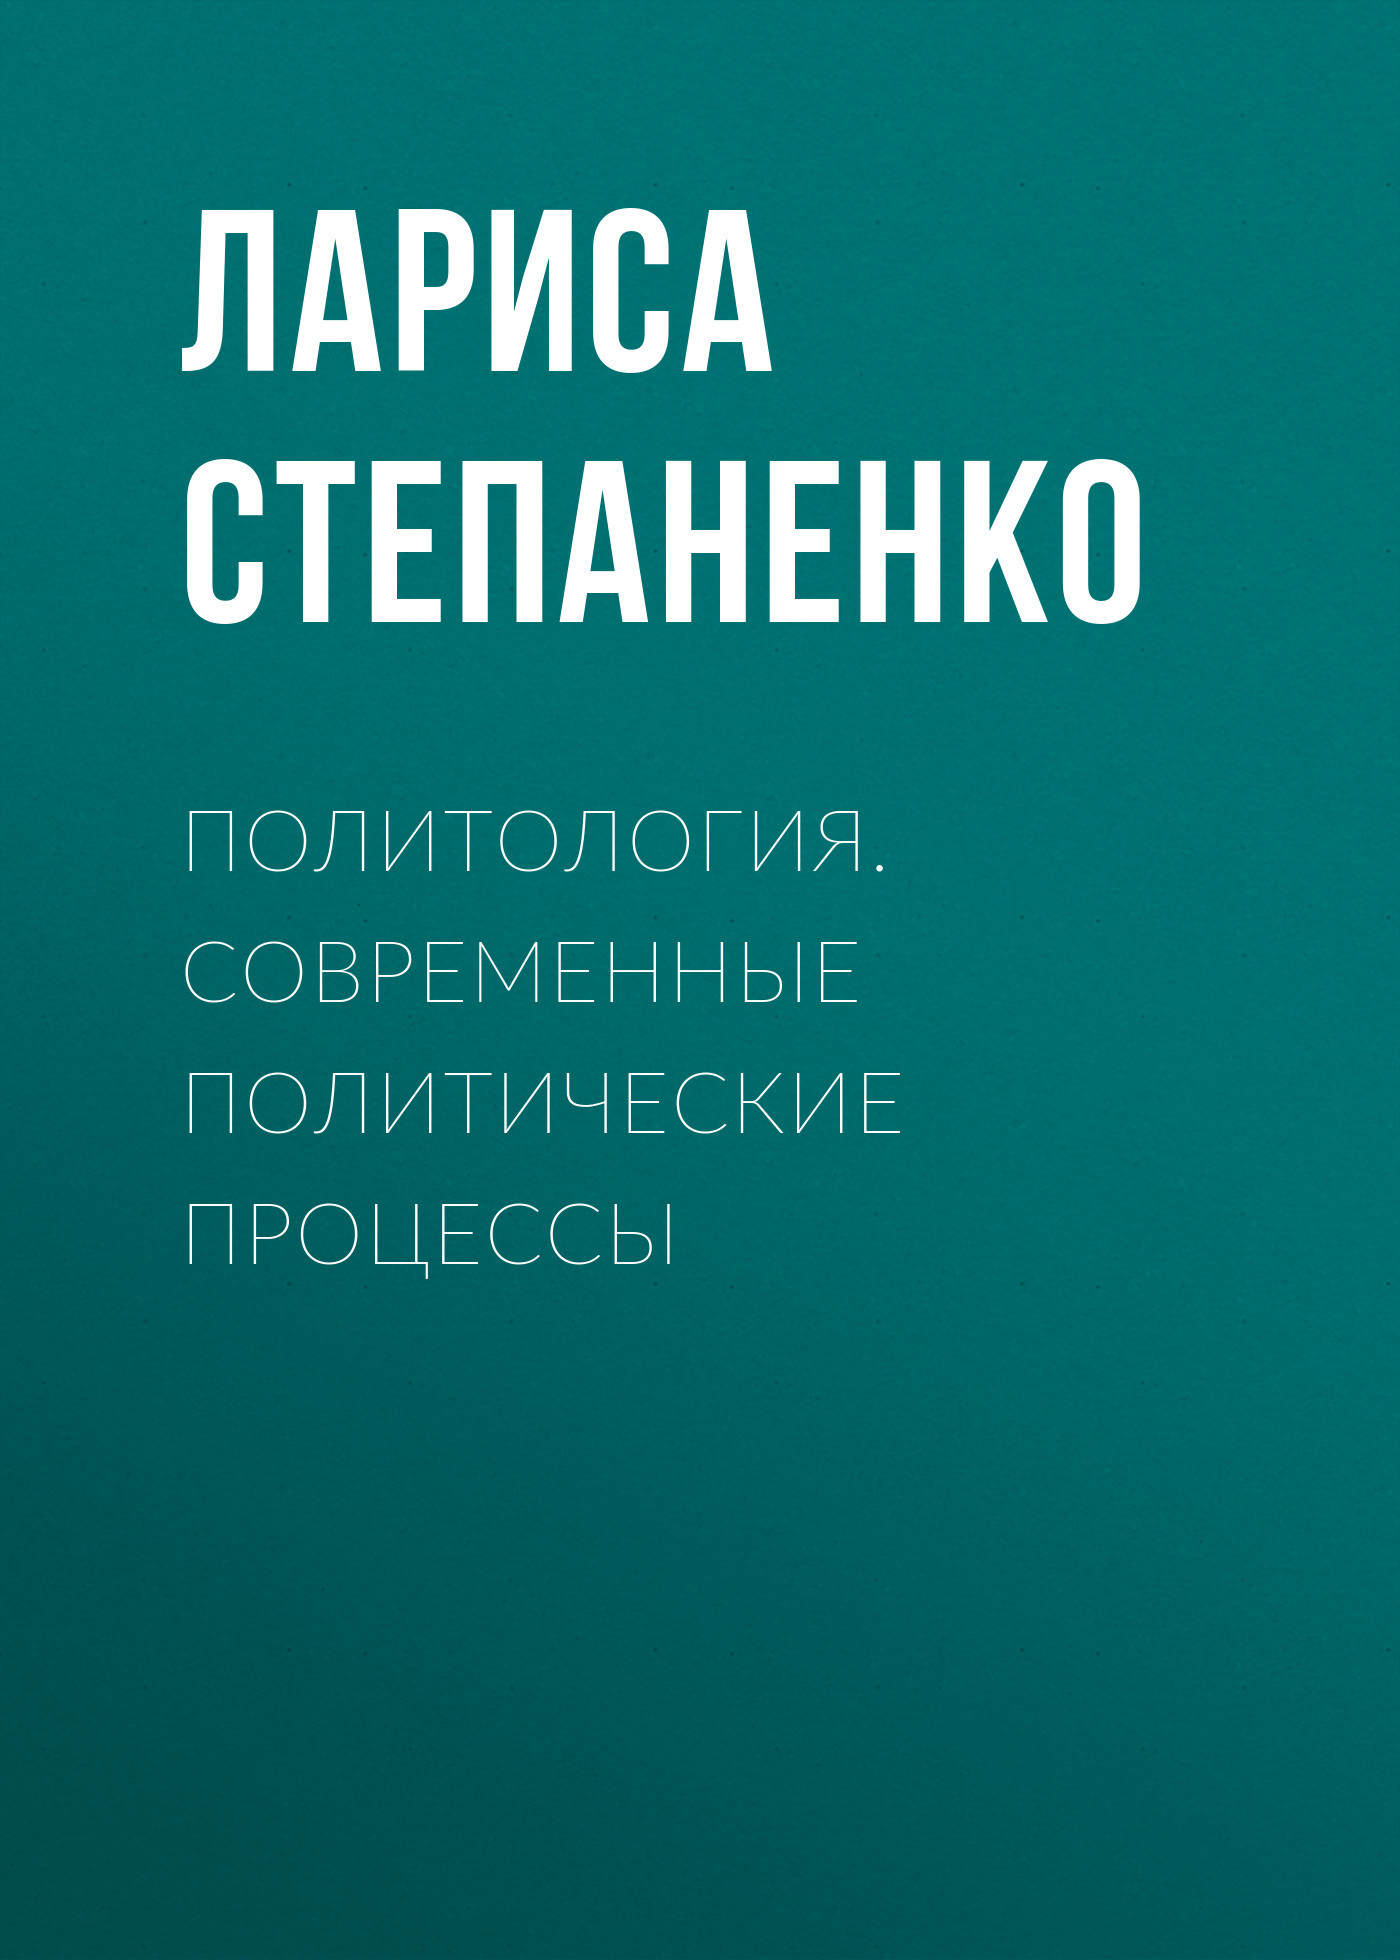 Лариса Степаненко бесплатно